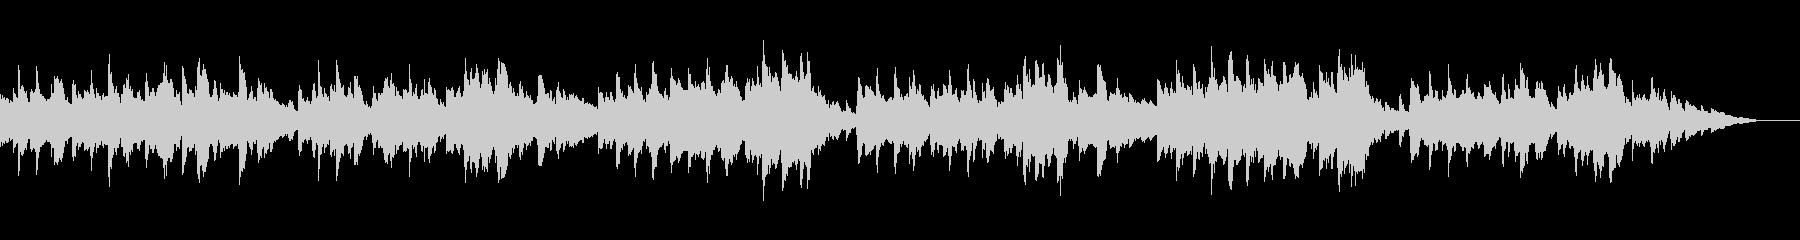 上品で清楚なシューマンのクラシックピアノの未再生の波形